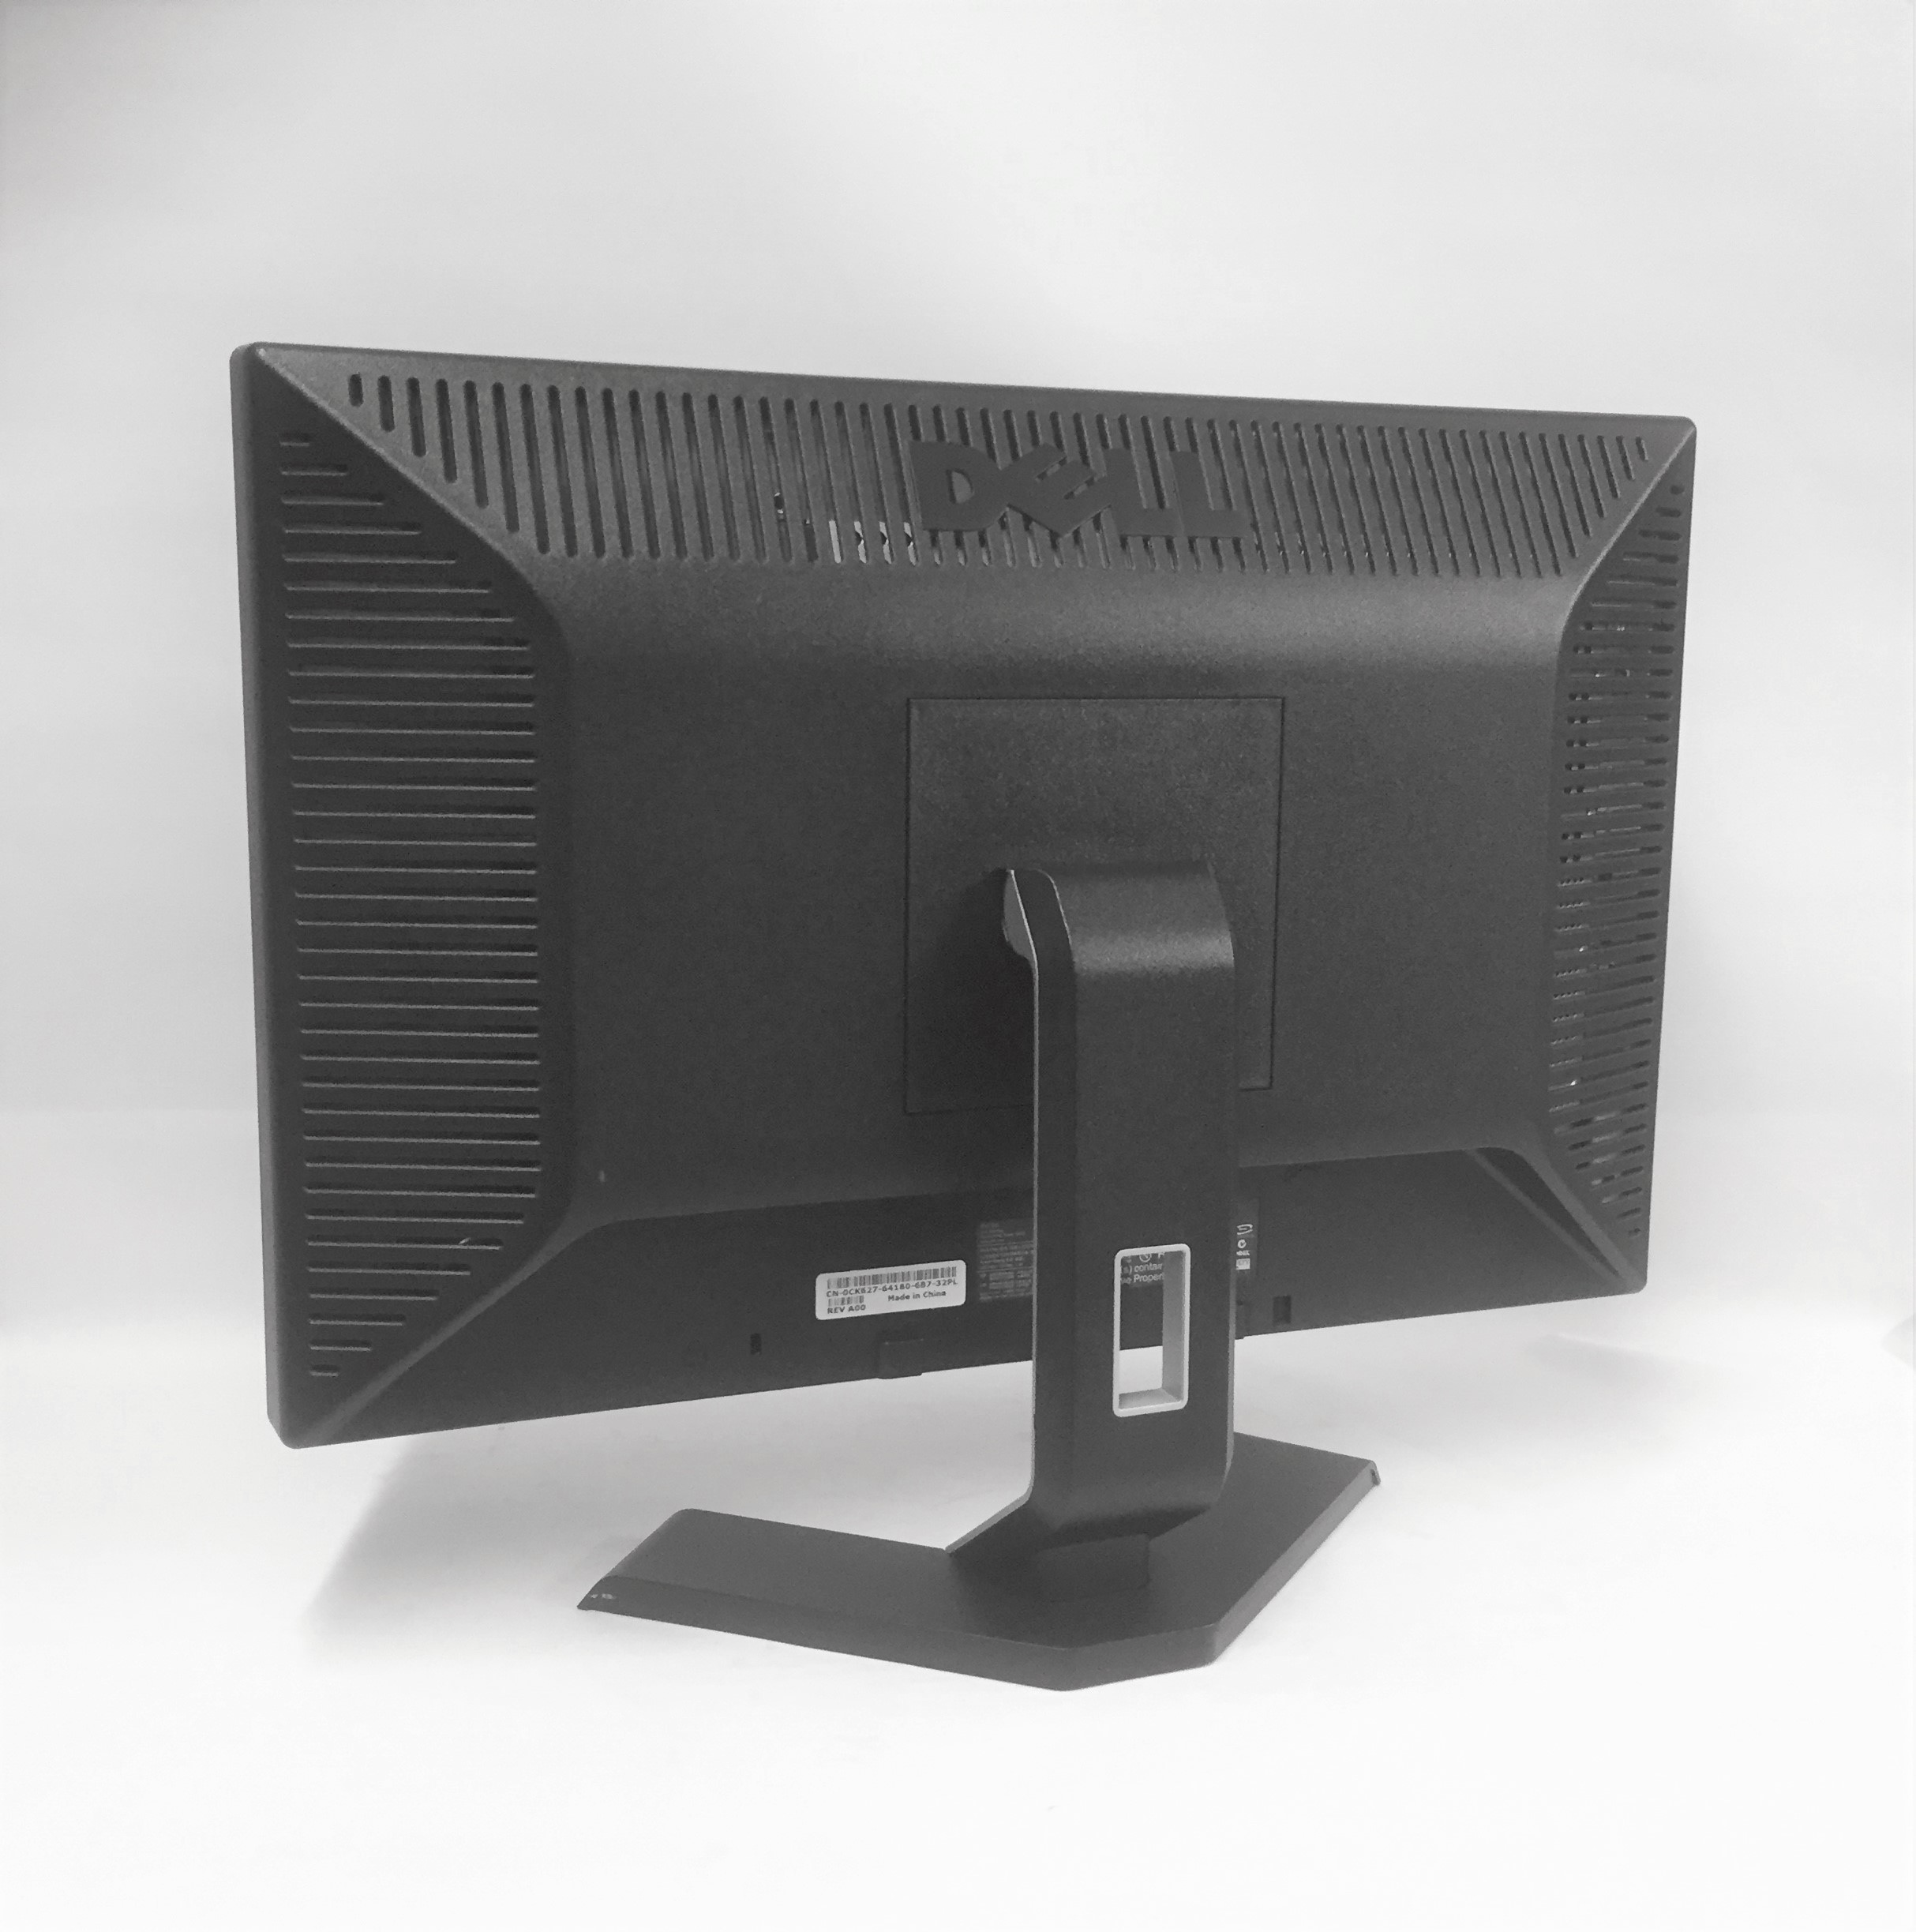 Dell E207WFPc No 3